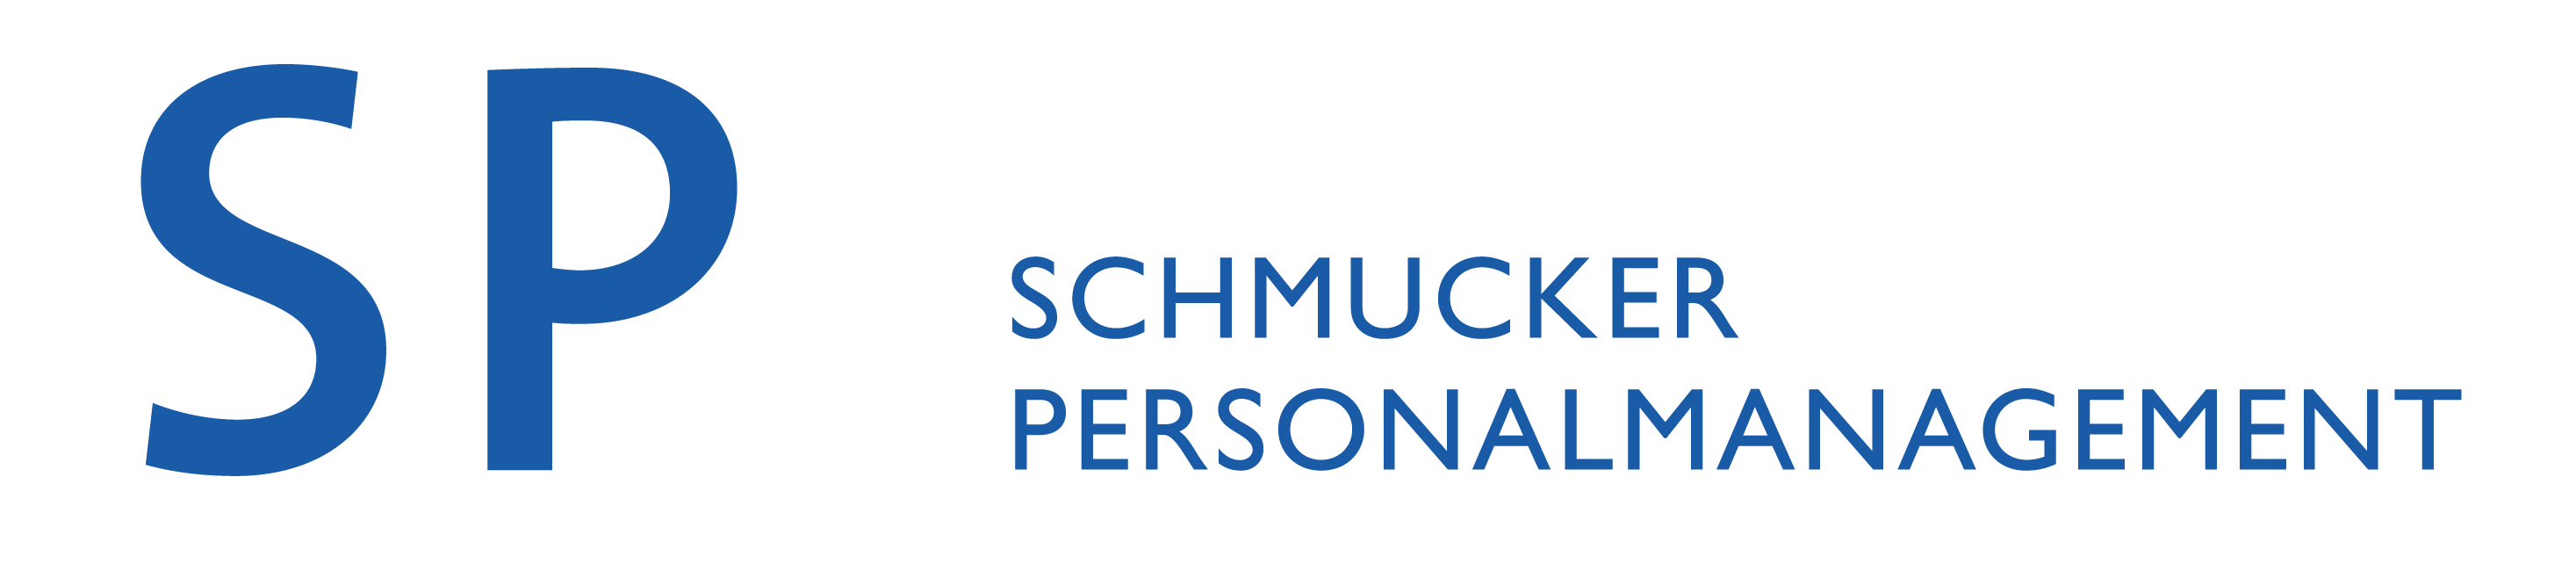 Schmucker Personalmanagement